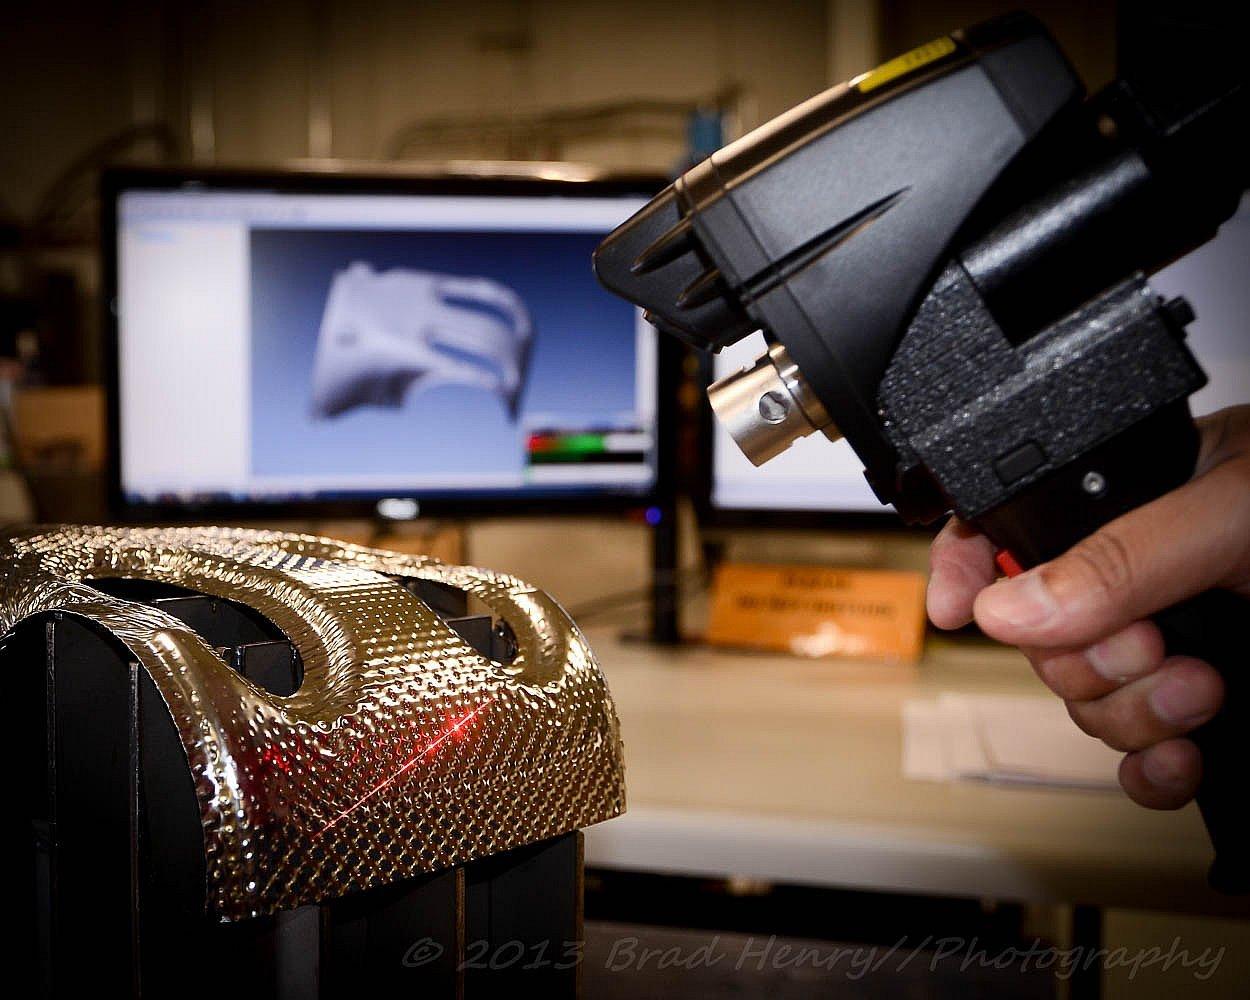 Laser Scan Inspection